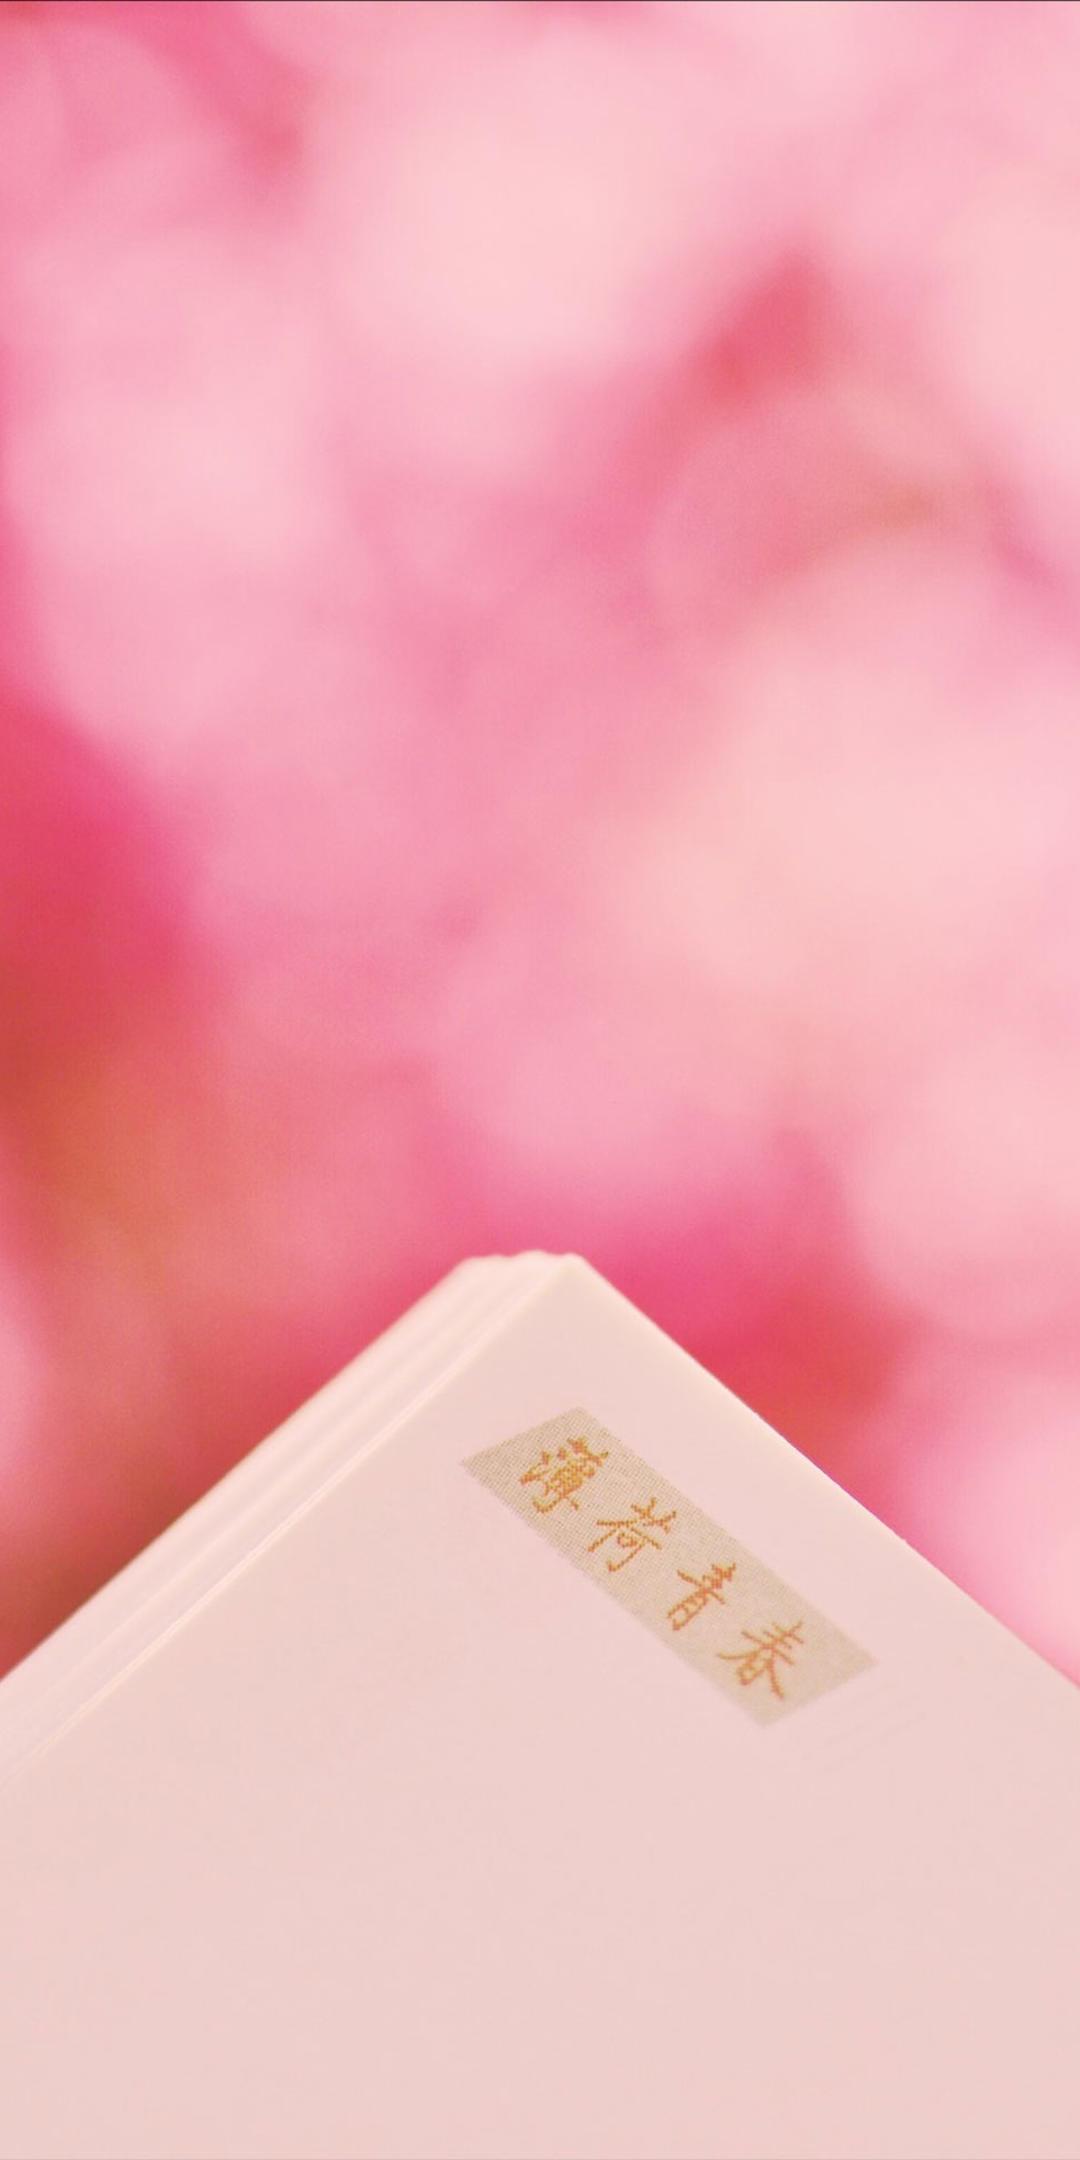 粉色系少女心手机壁纸插图5